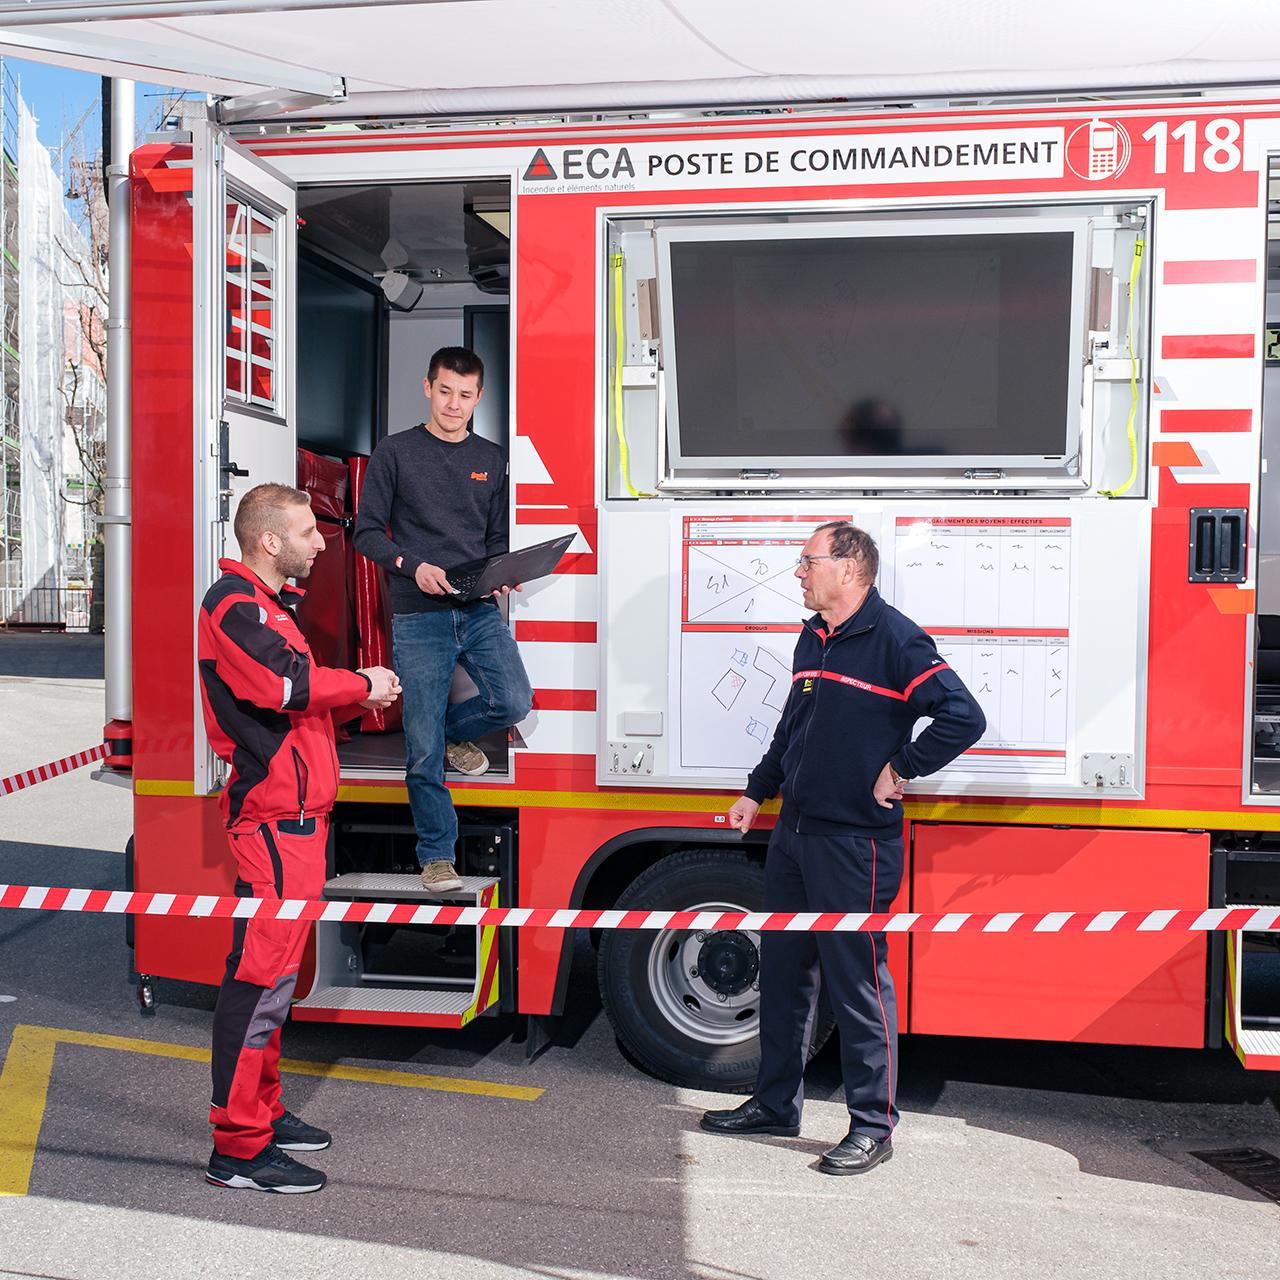 Le premier véhicule de commandement a pu être livré en avril à la caserne de Lausanne. Il est équipé d'une technologie de pointe pour tous les systèmes de communication (radio, téléphonie, internet, wifi et partage de données).